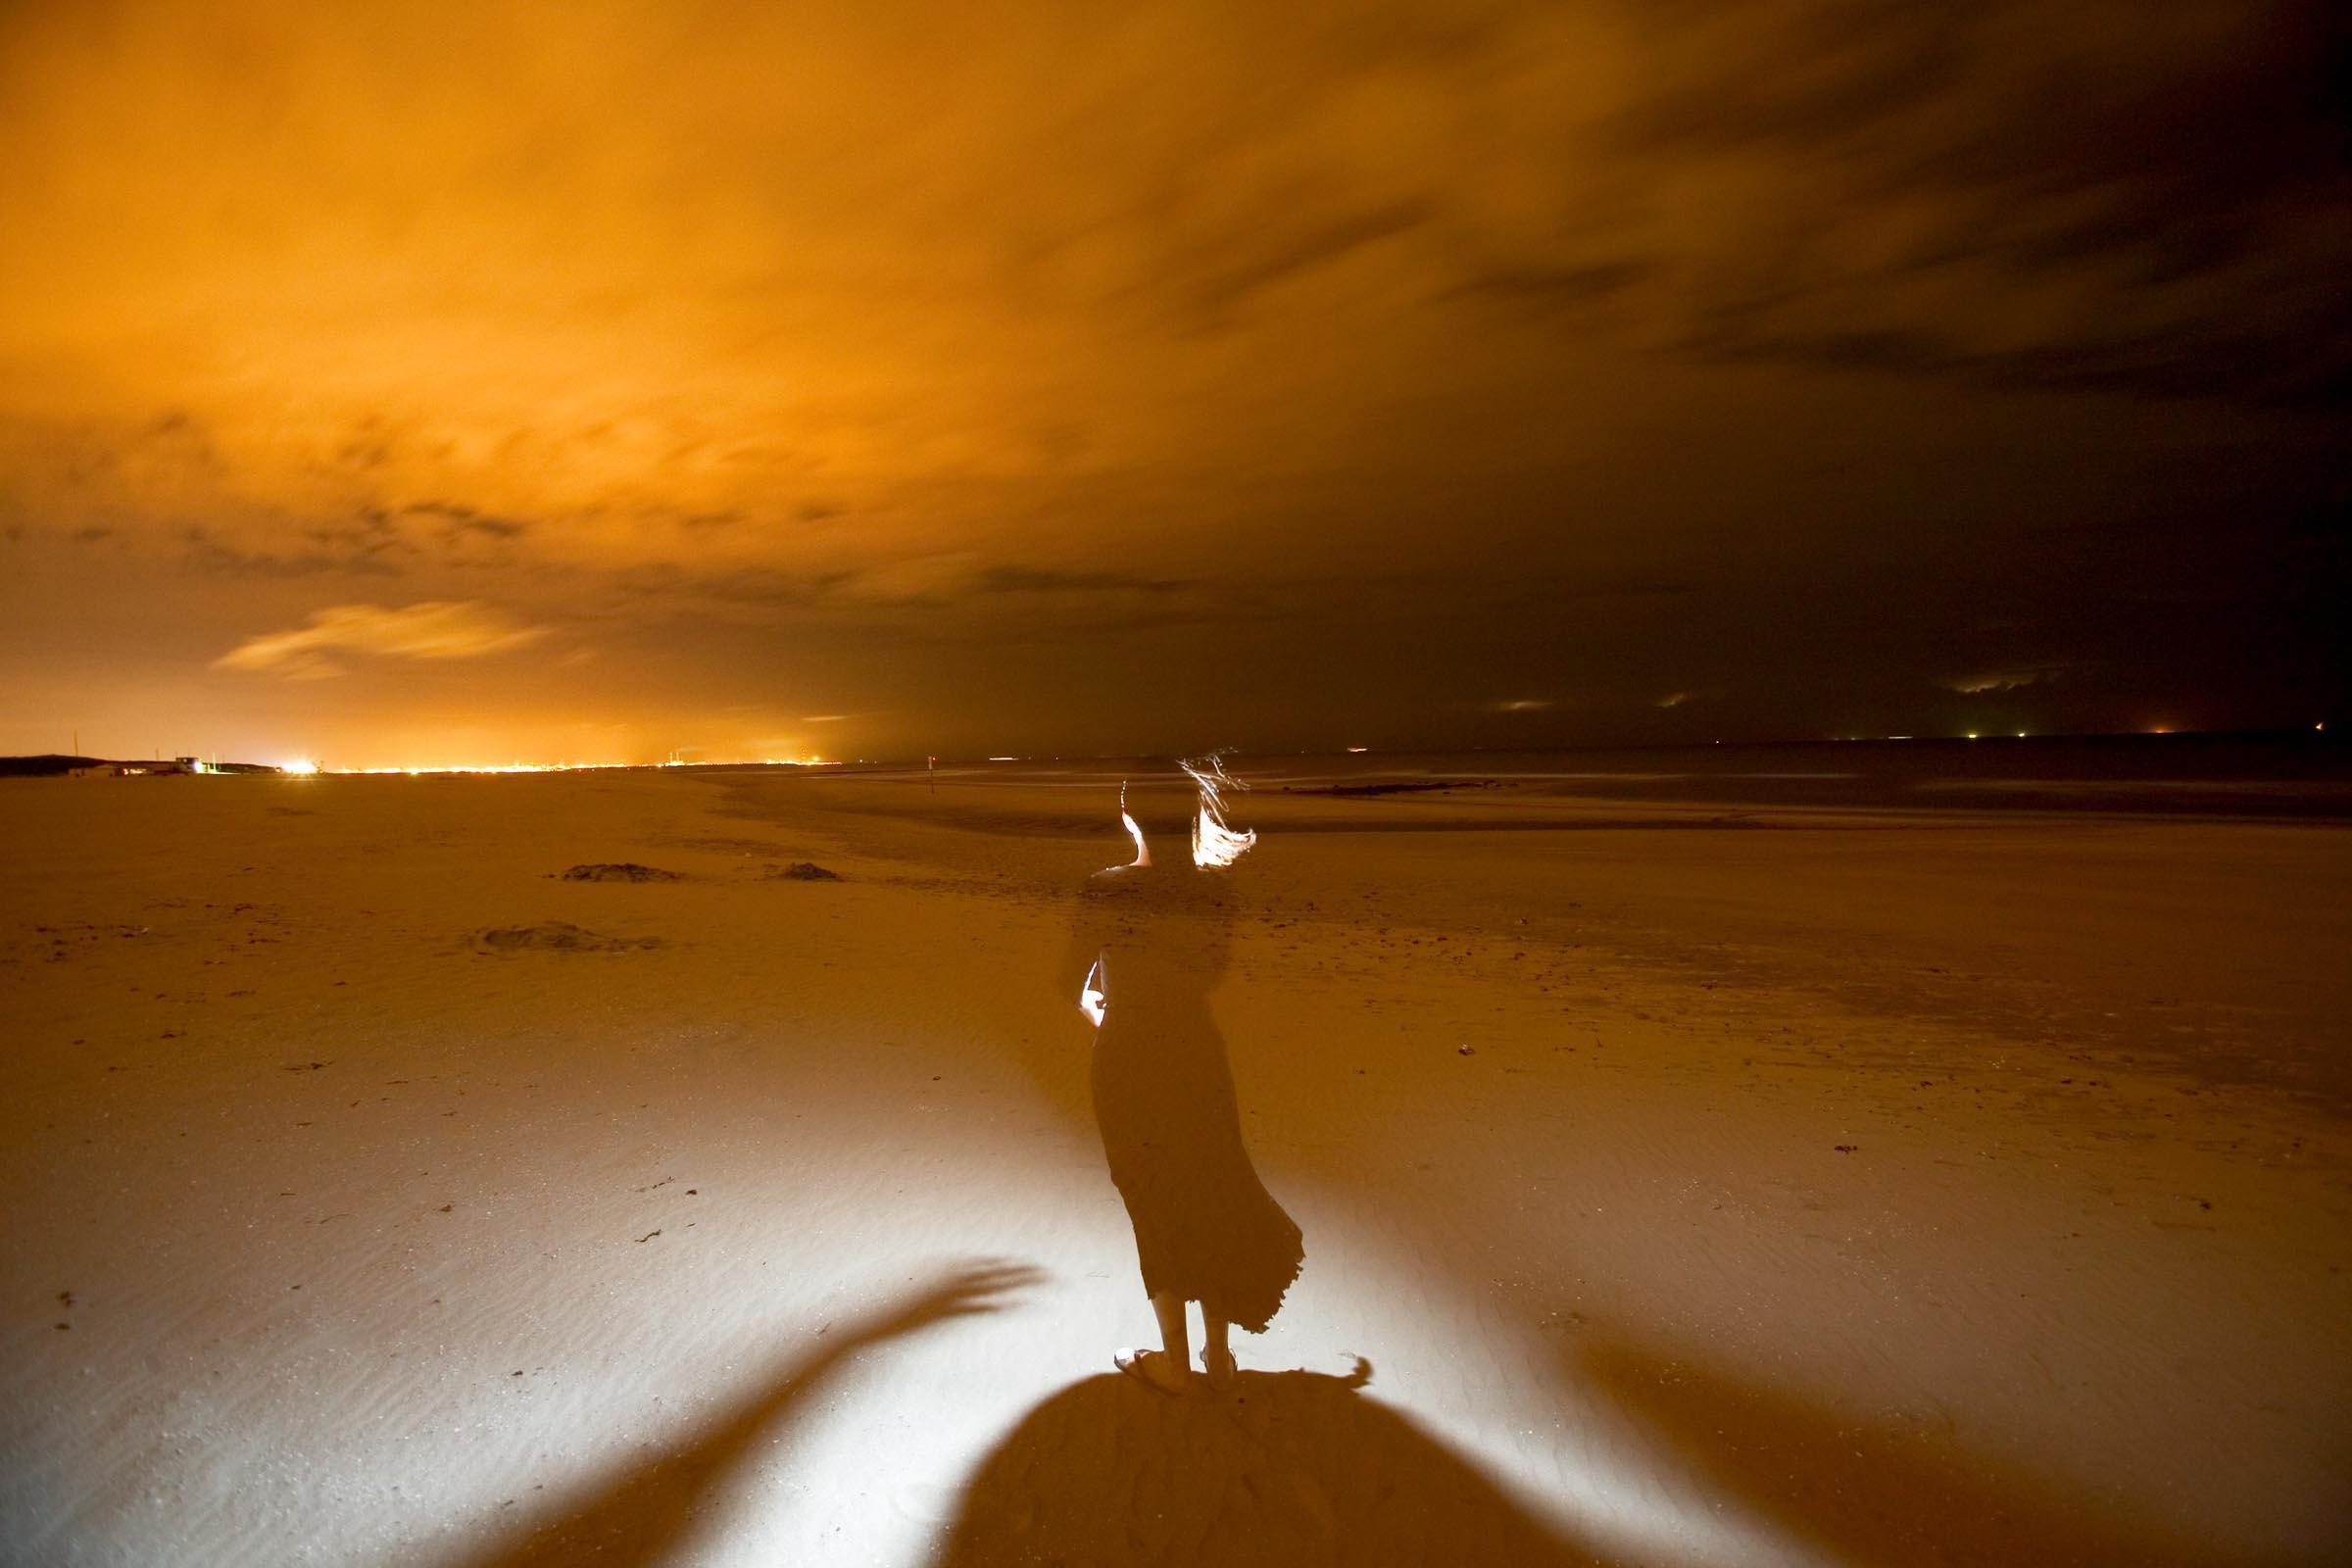 image from Creatief gebruik losse flitser bij nachtfoto's